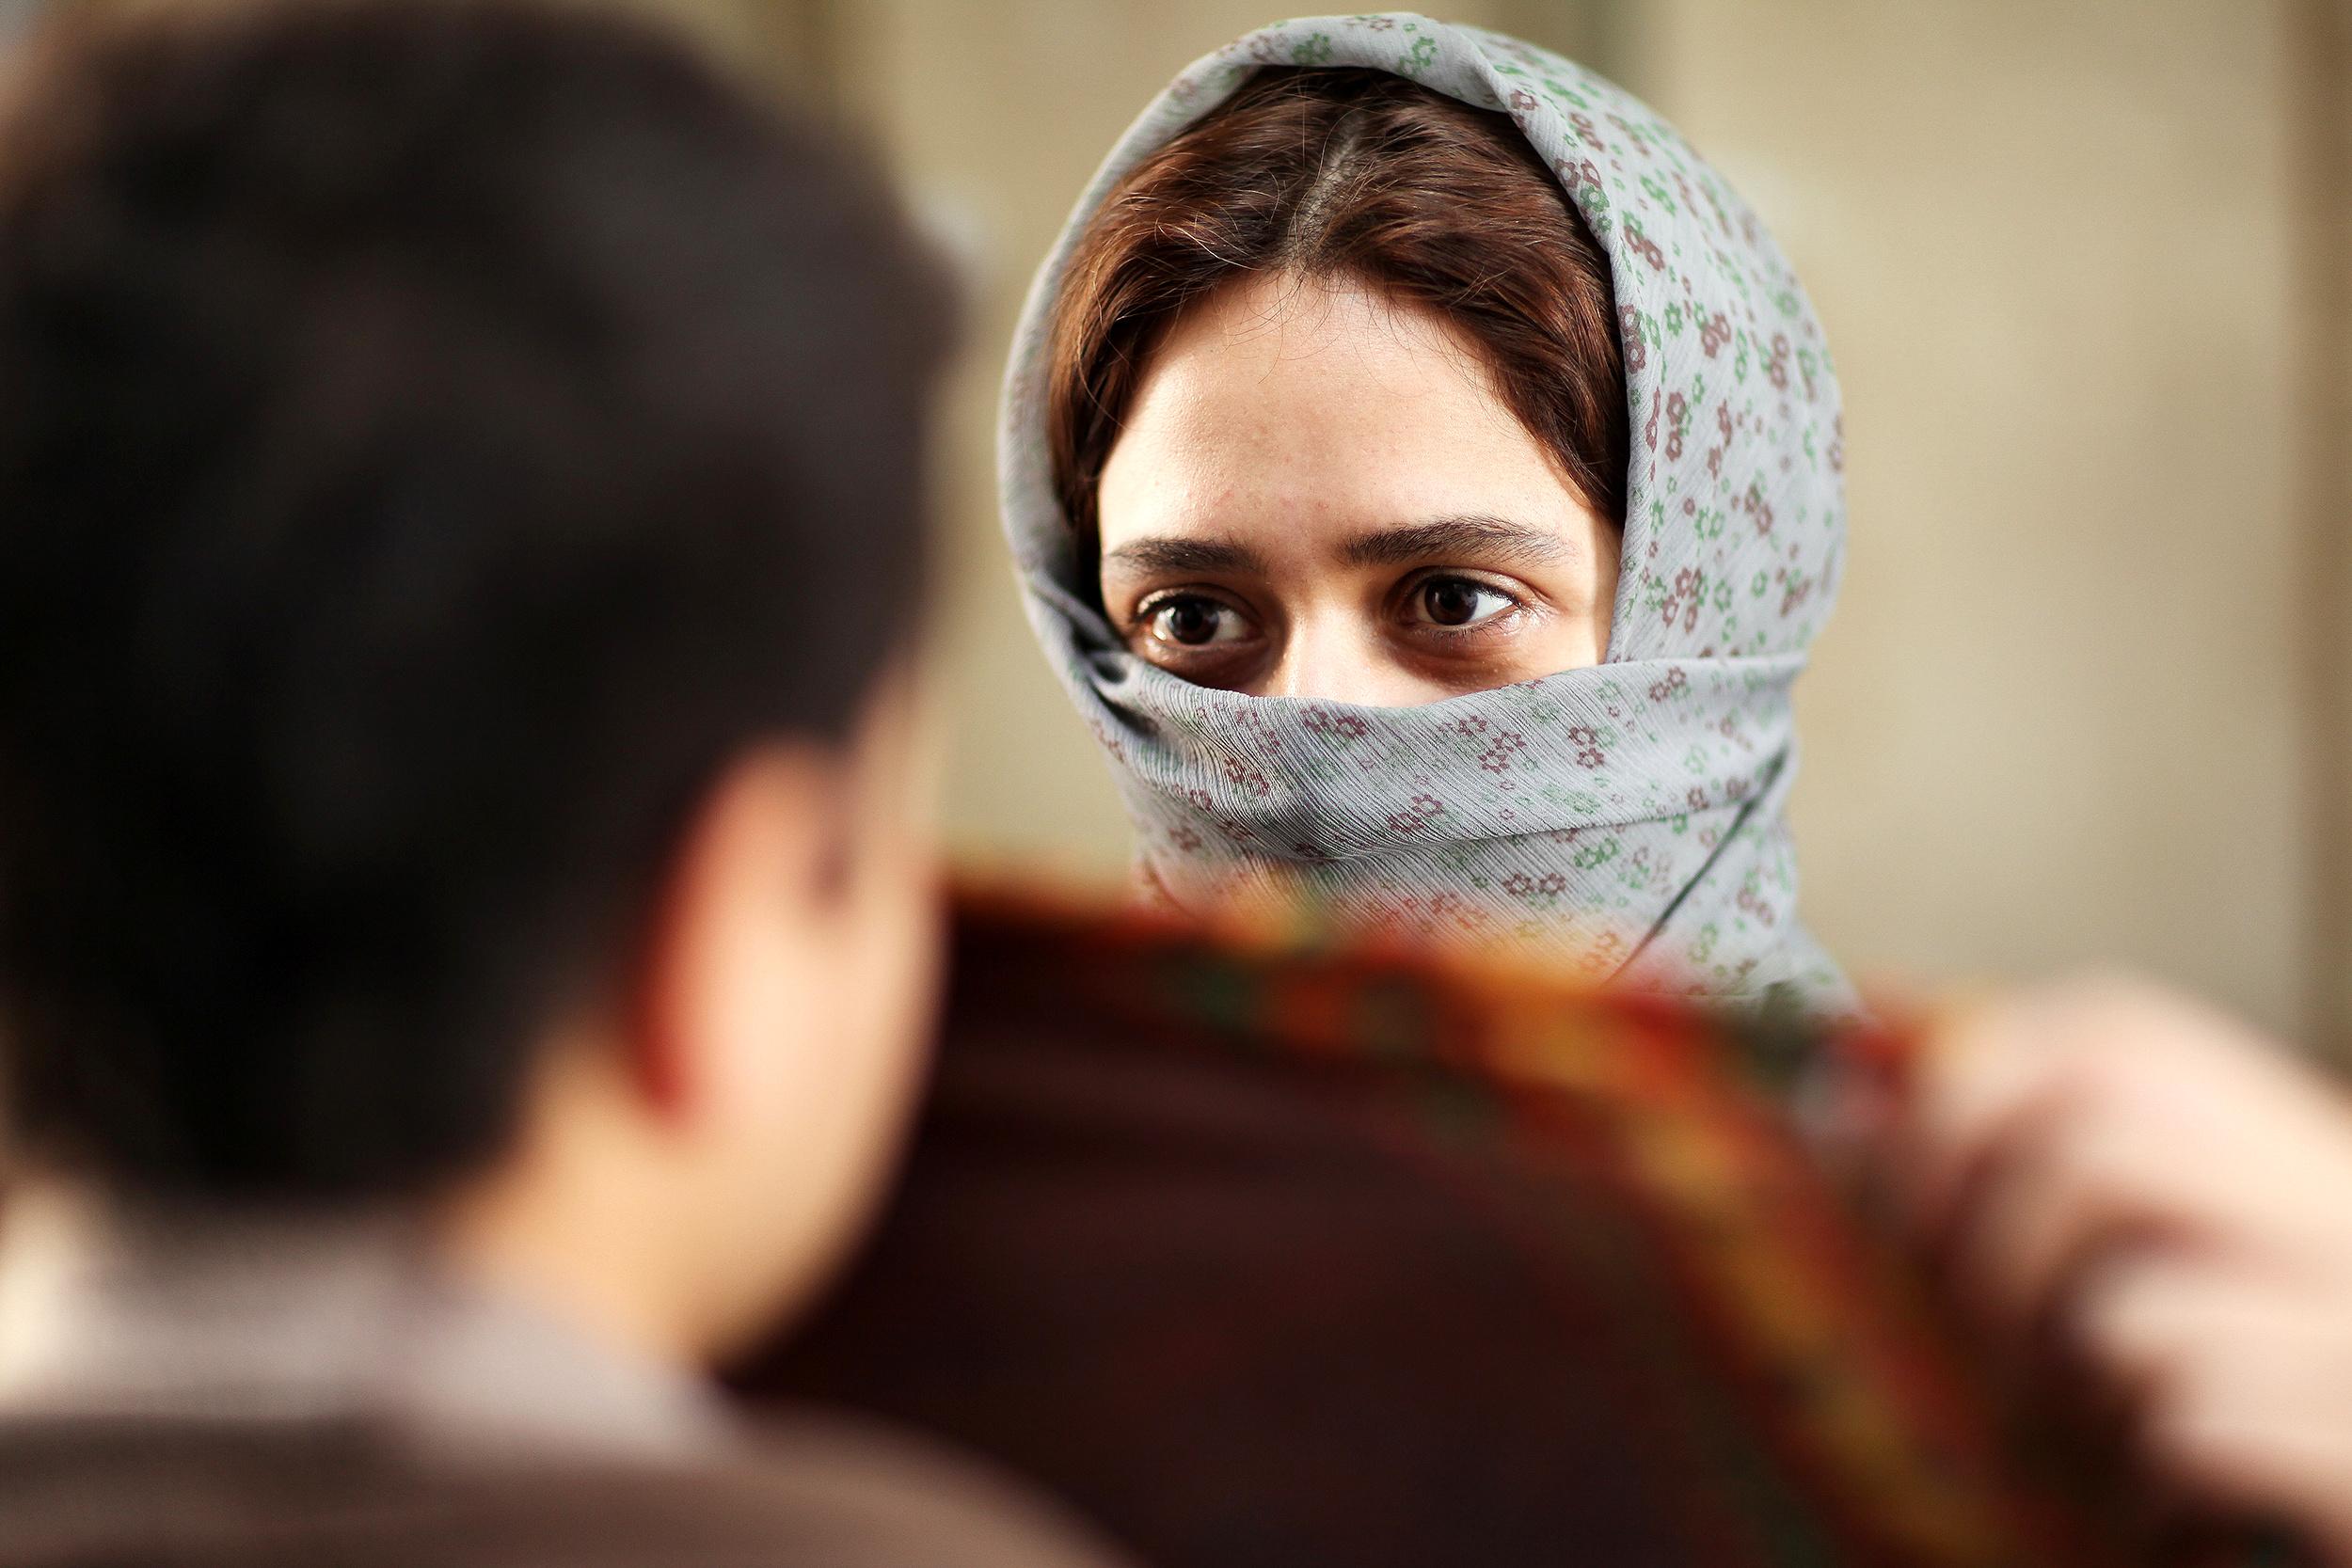 هنرنمایی فراموش نشدنی پریناز ایزدیار در نقش سمیه در فیلم ابد و یک روز